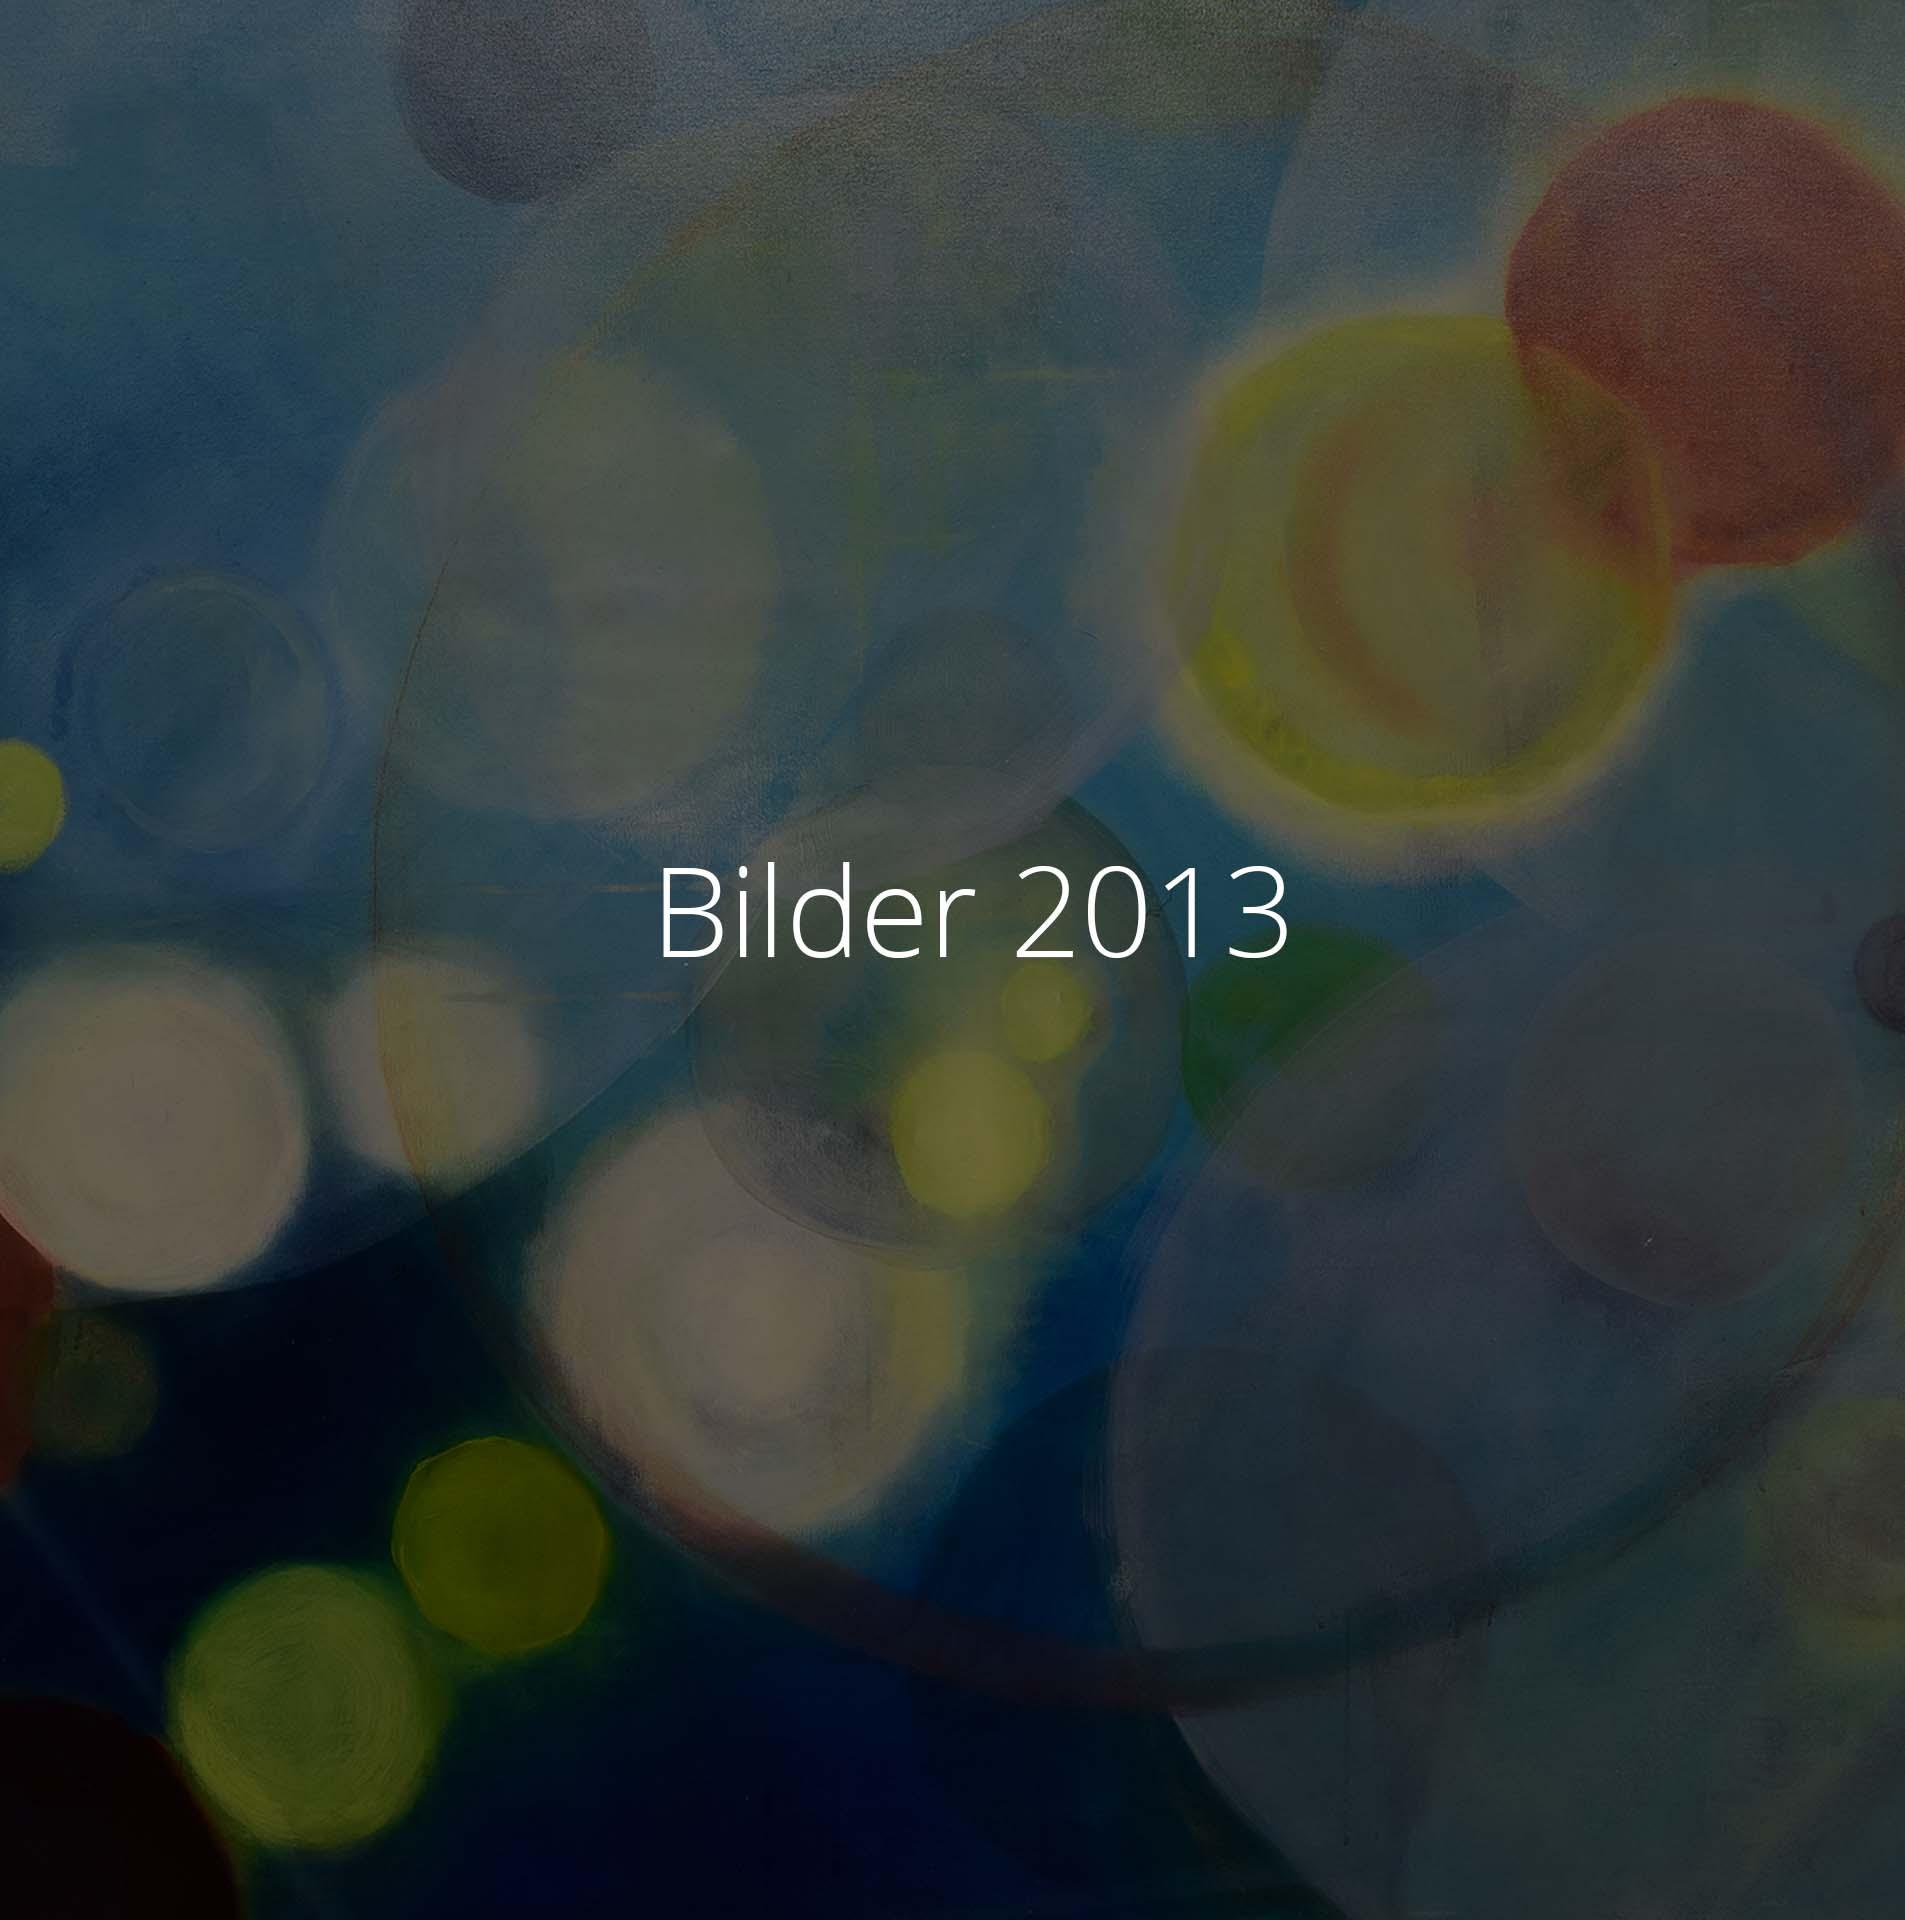 Bilder 2013